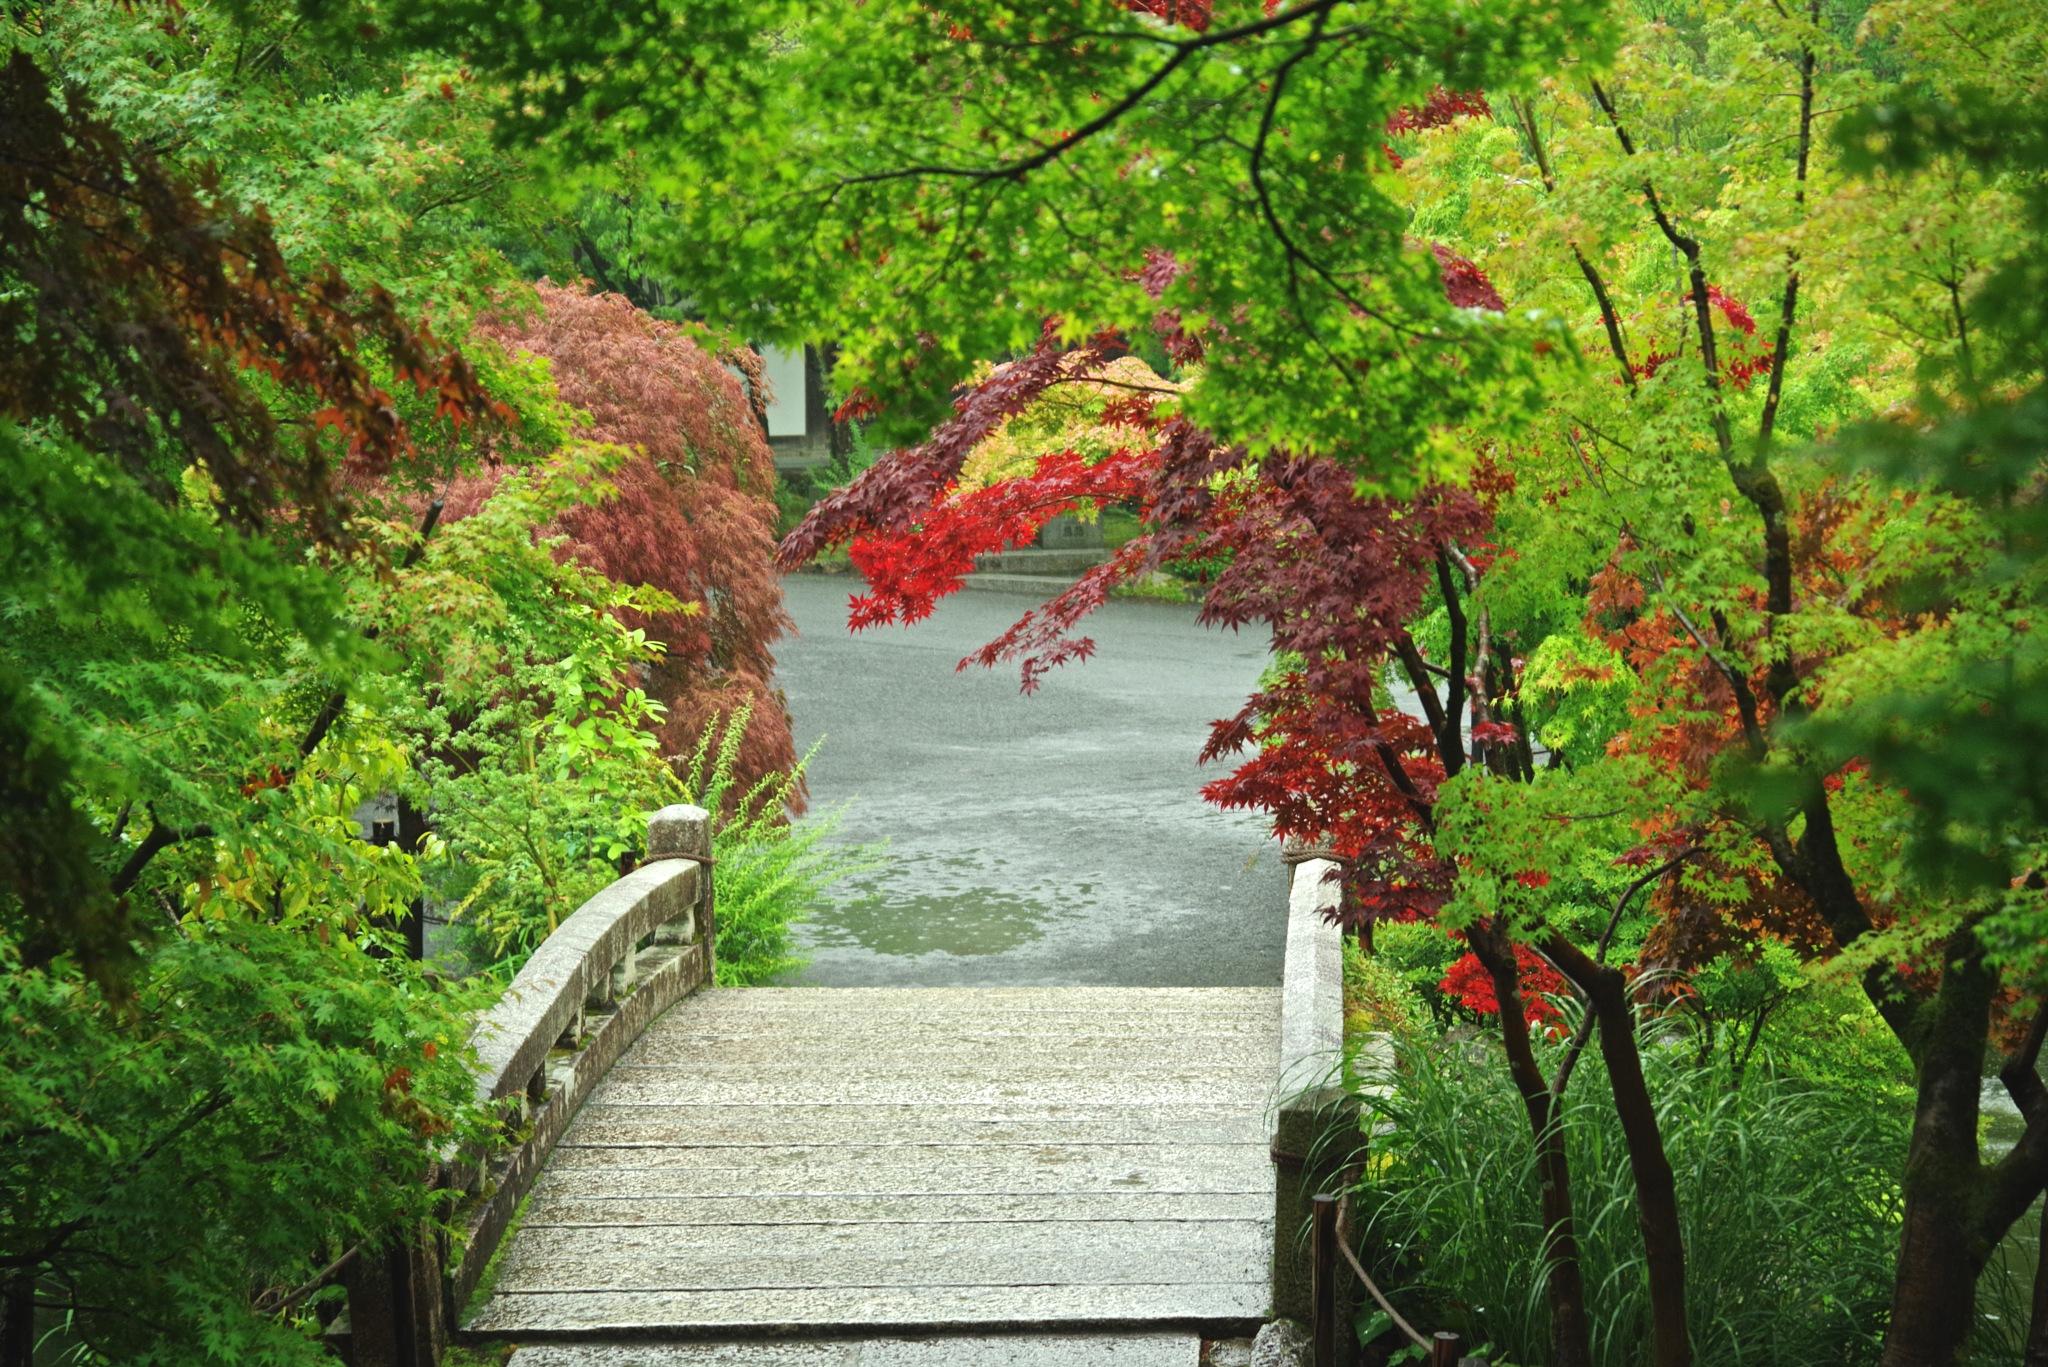 Rainy day bridge by 一日写真一枚